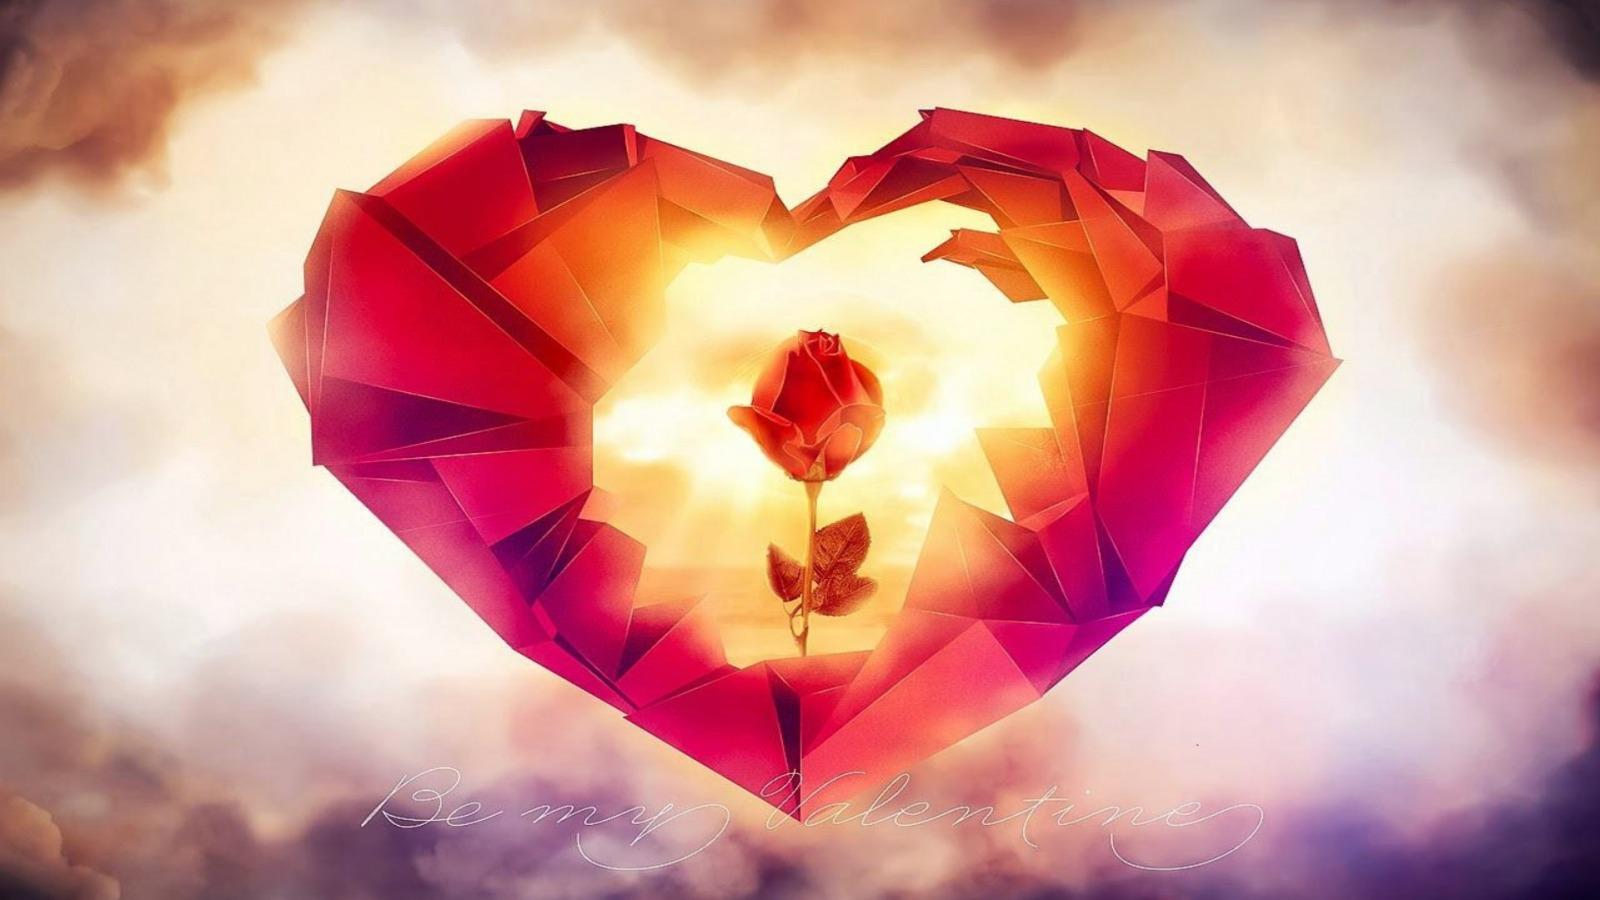 Liebe Bilder Liebe Hd Hintergrund And Background Fotos 41038239